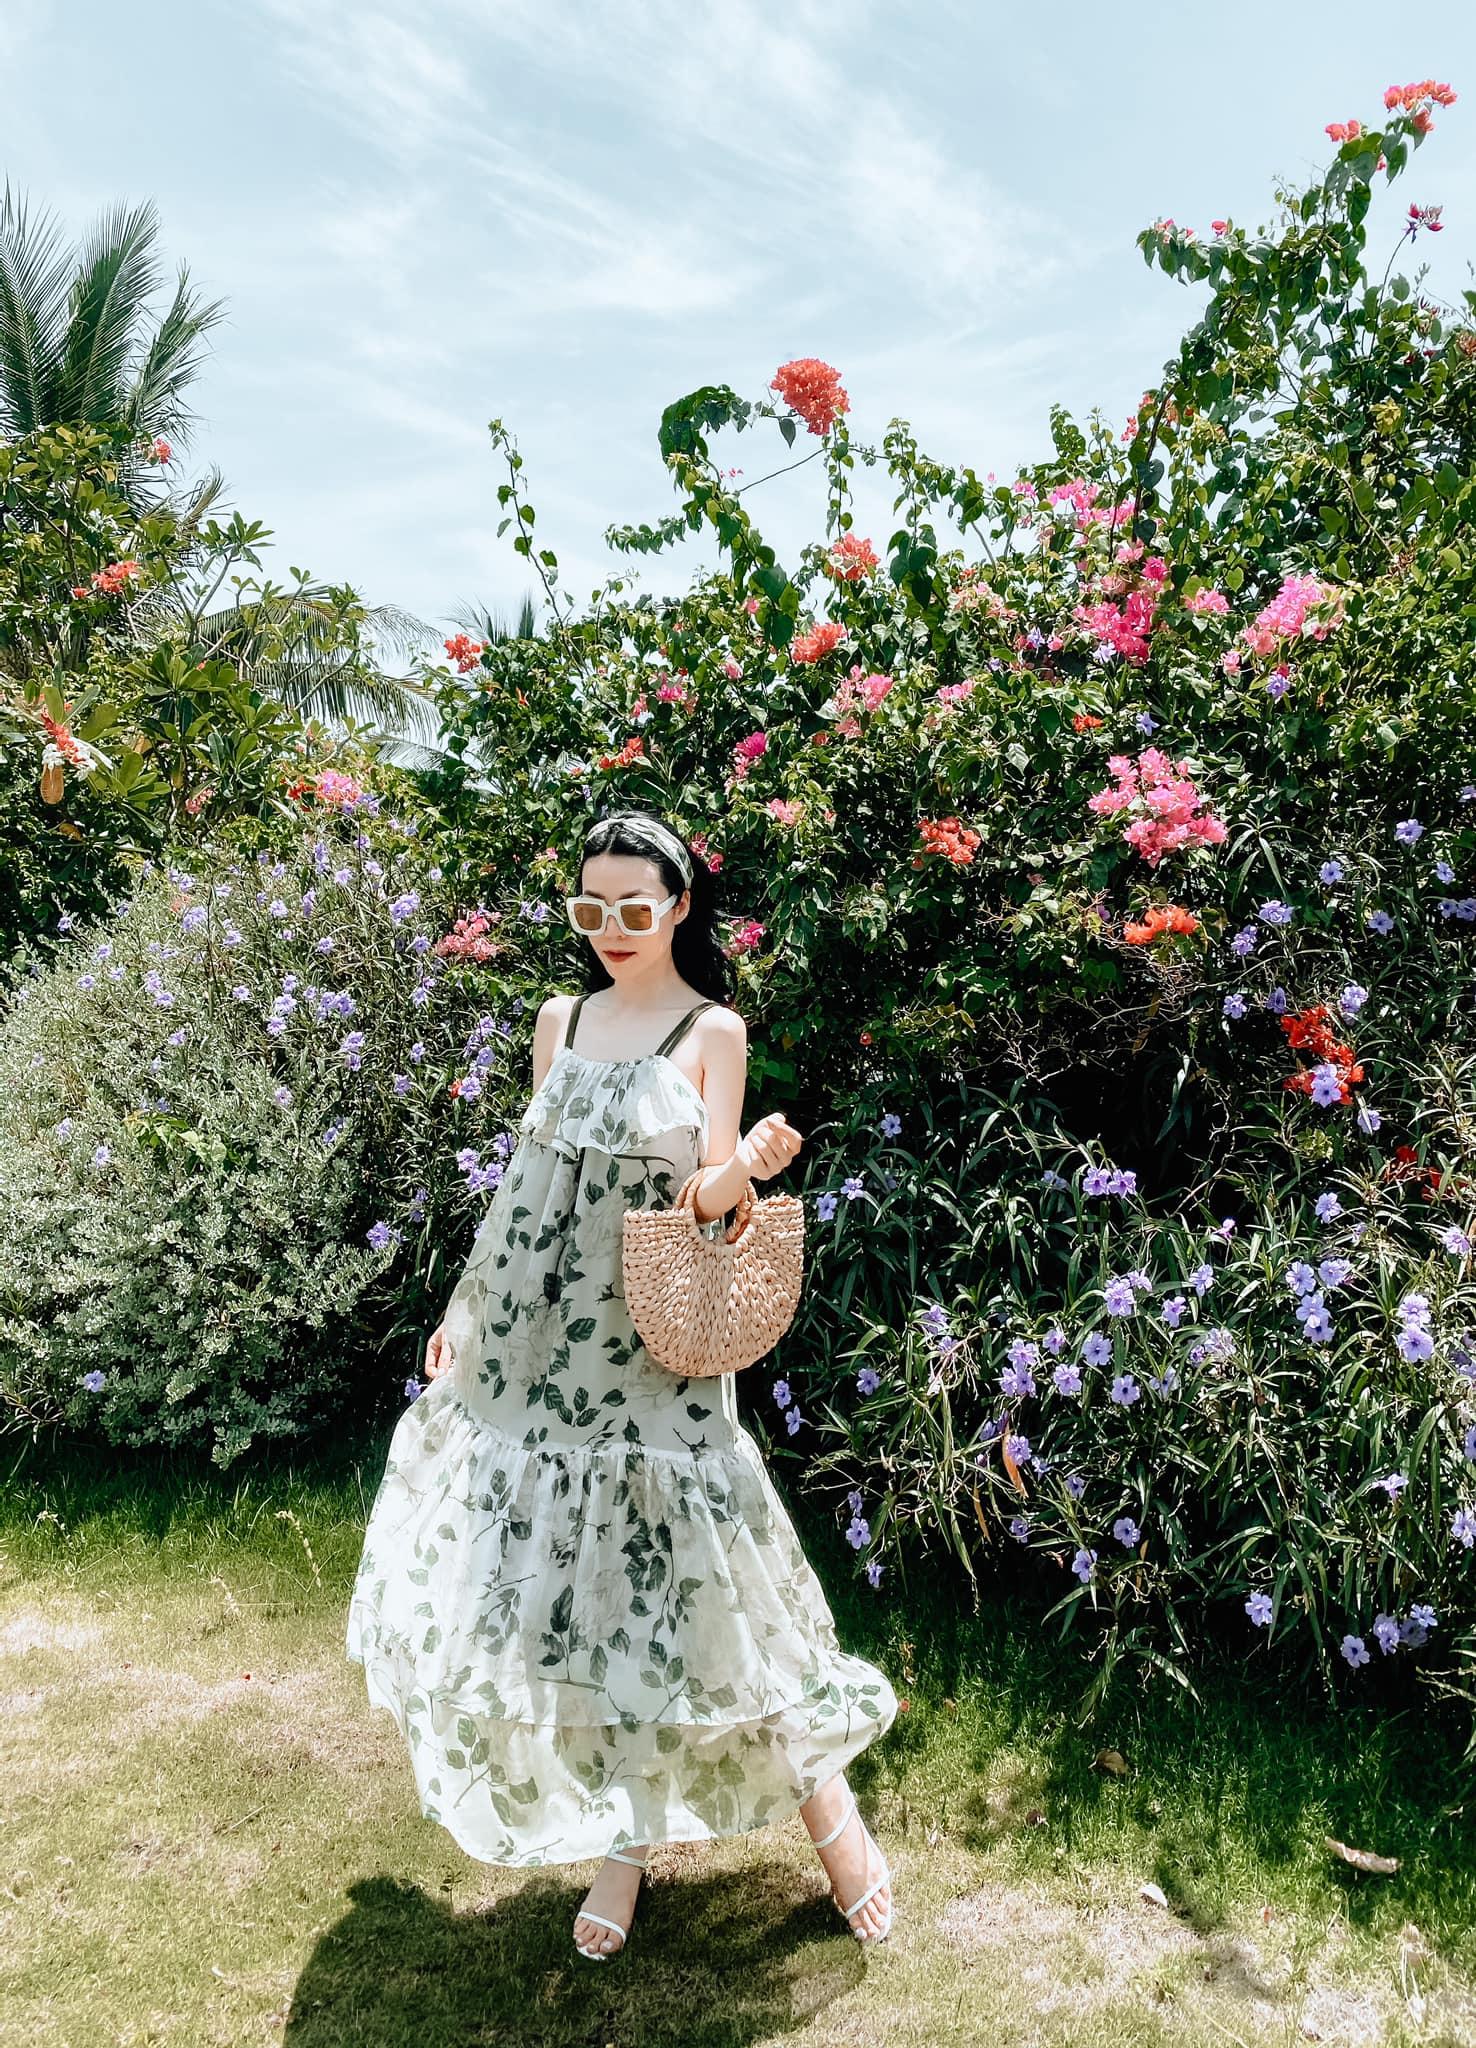 Khoe vai trần với đầm hoa trễ vai, Lan Ngọc đọ sắc cùng HH Thu Thảo: Hai nhan sắc đẹp đến mức ná thở - Ảnh 9.